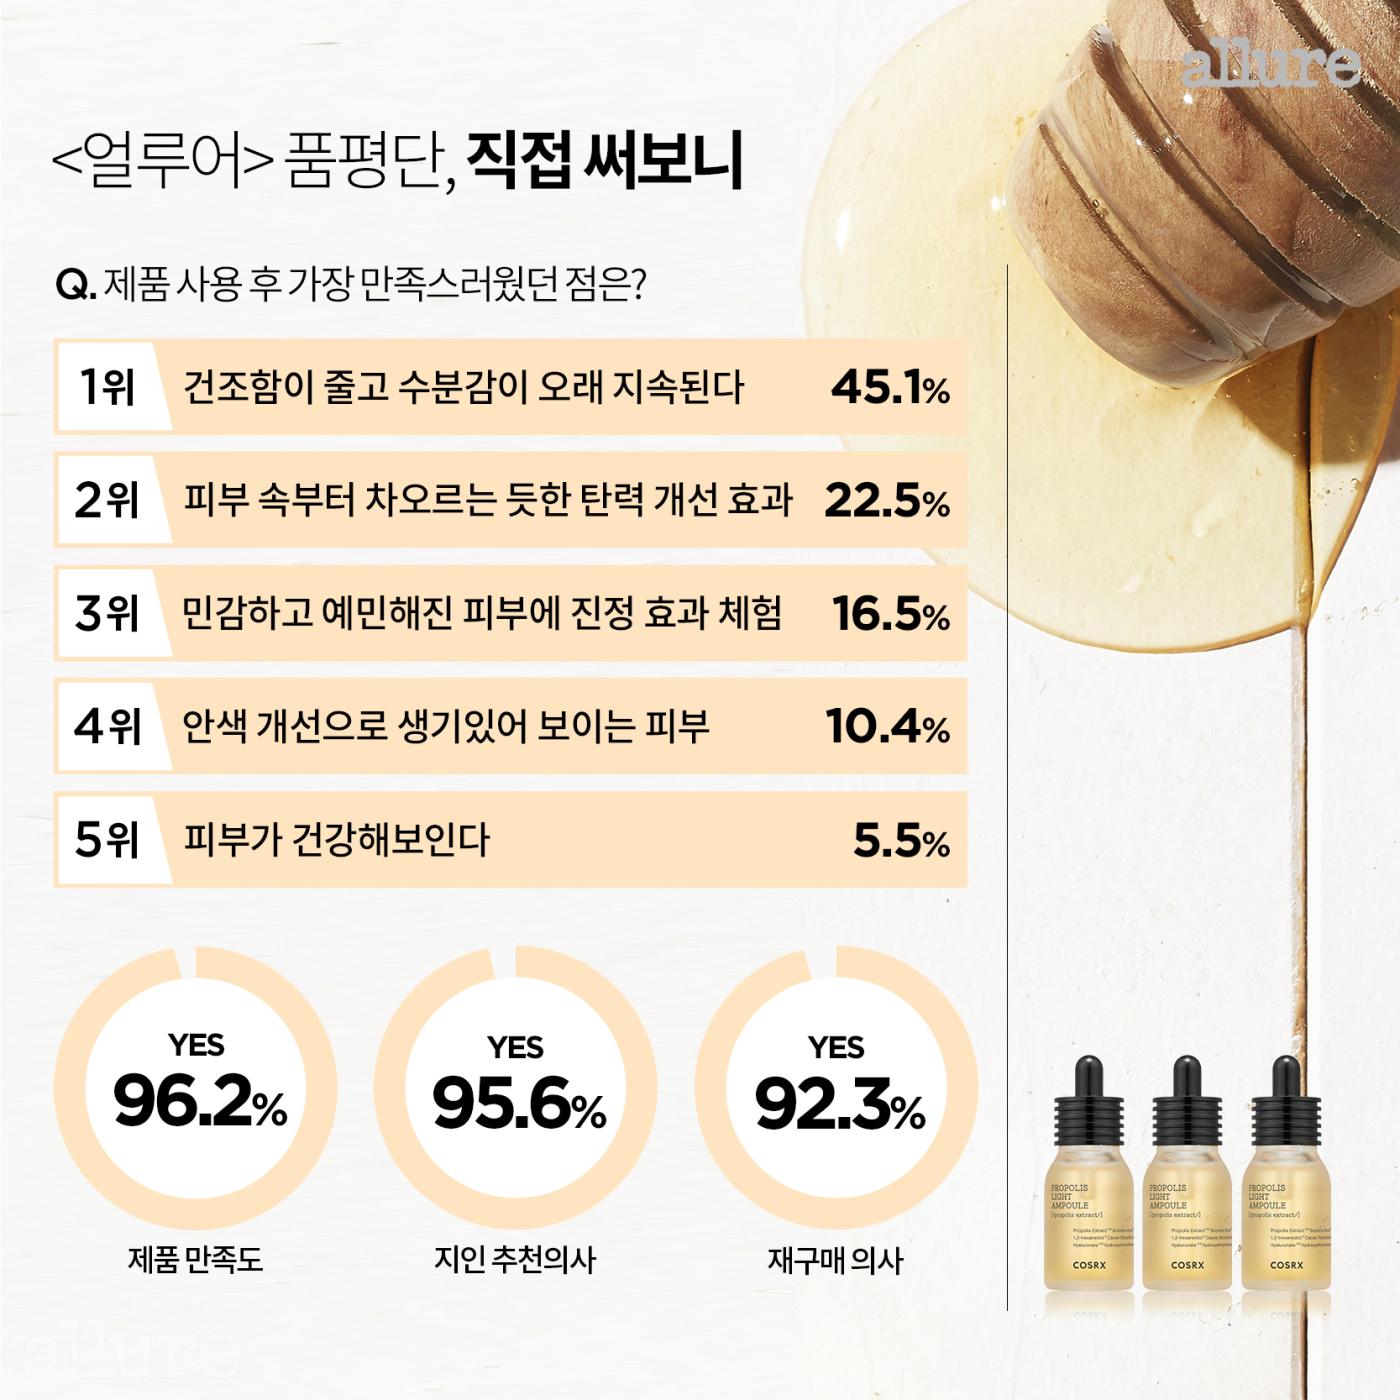 코스알엑스_카드뉴스-4수정